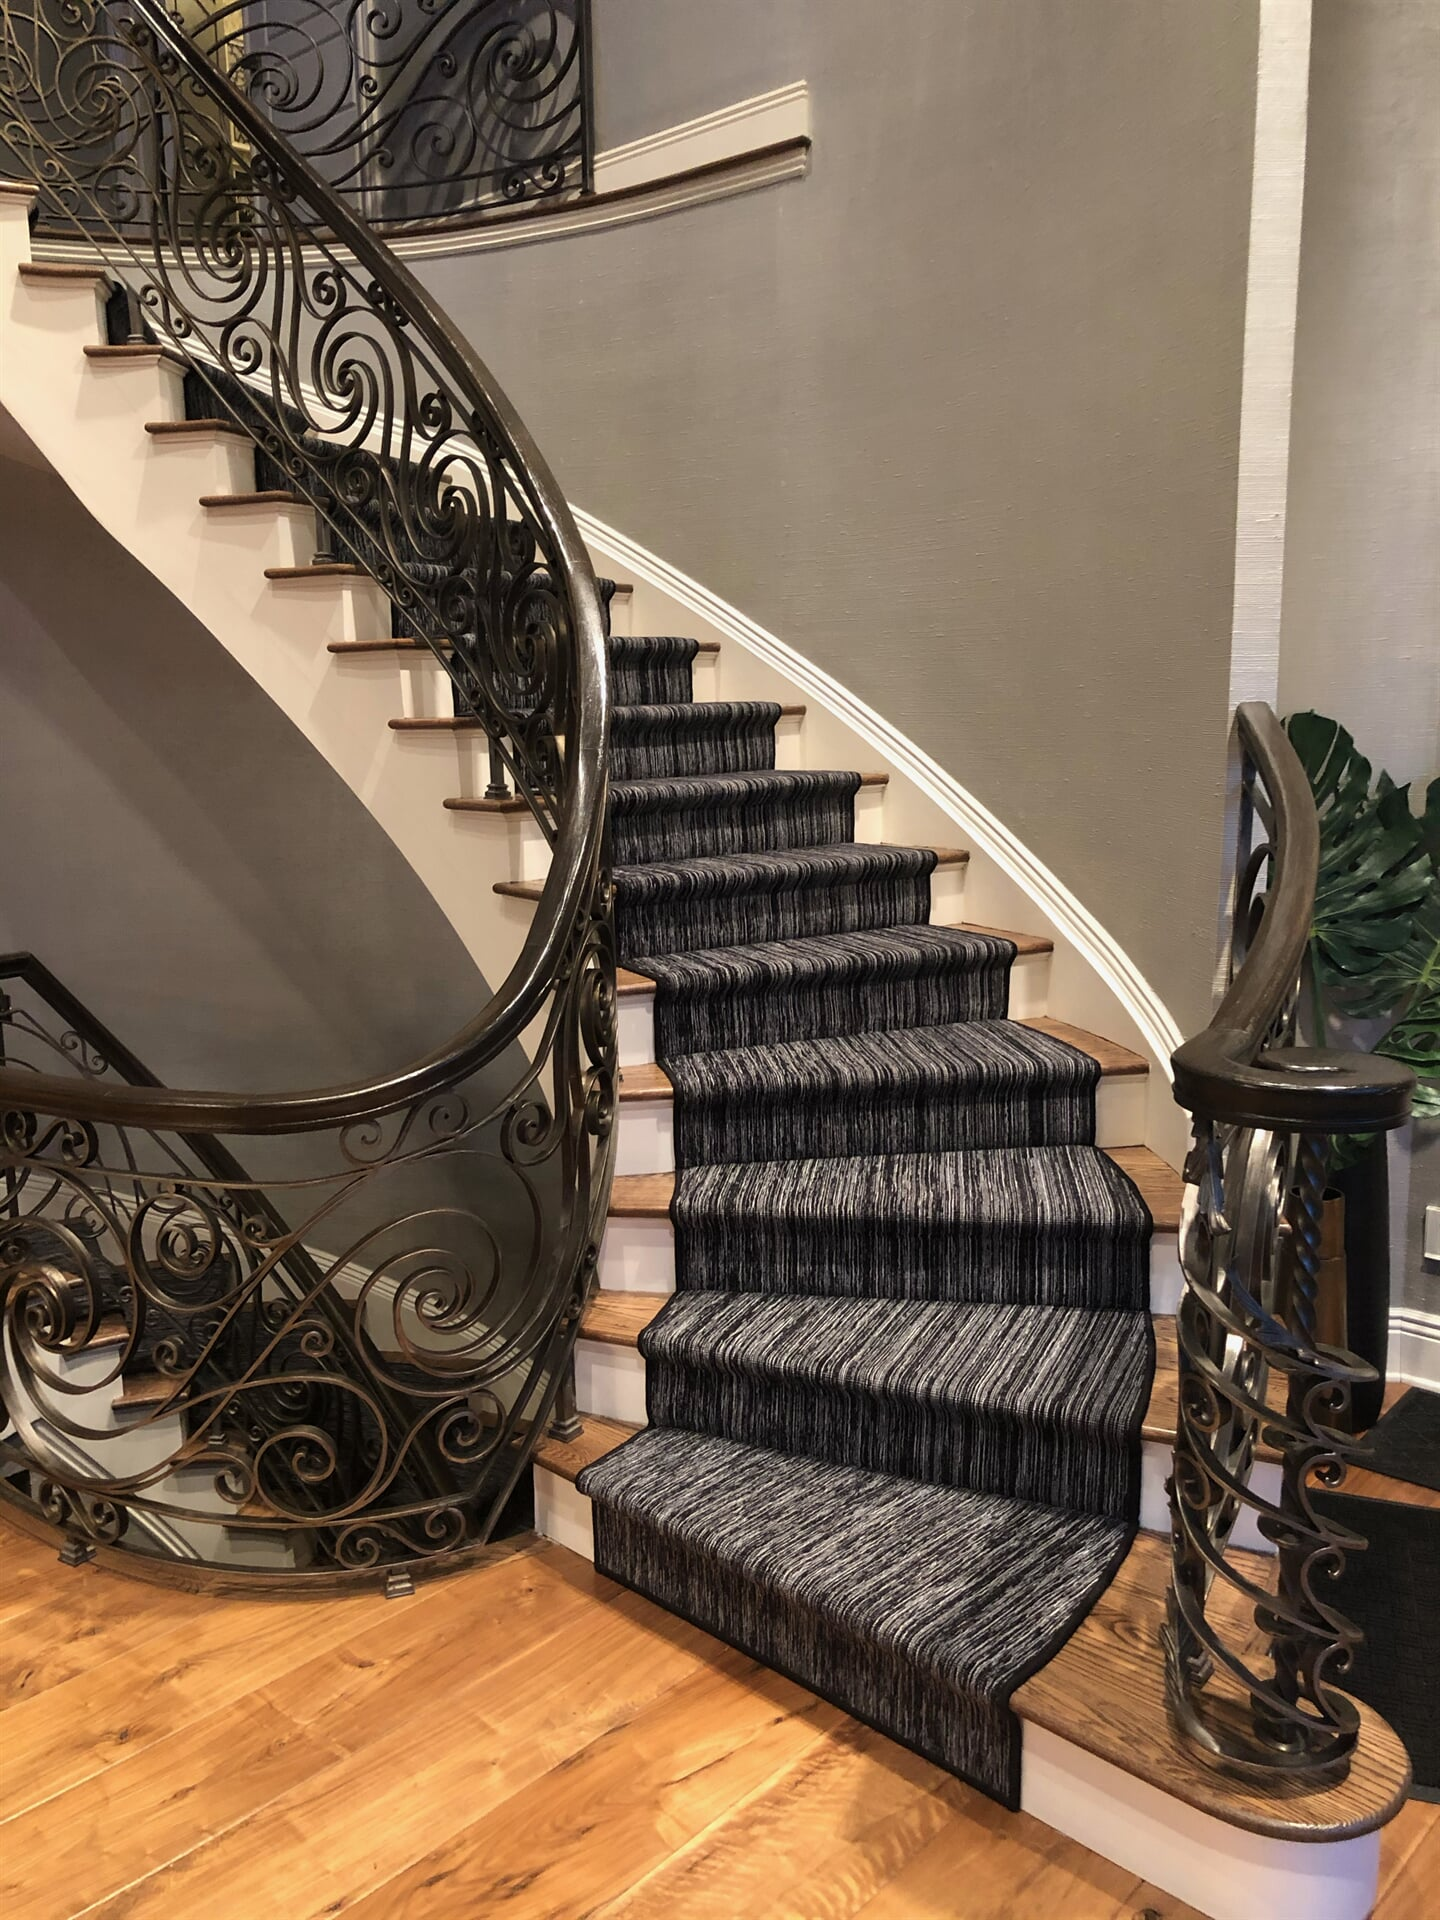 Carpet stair runner in Millstone, NJ from Carpet Yard